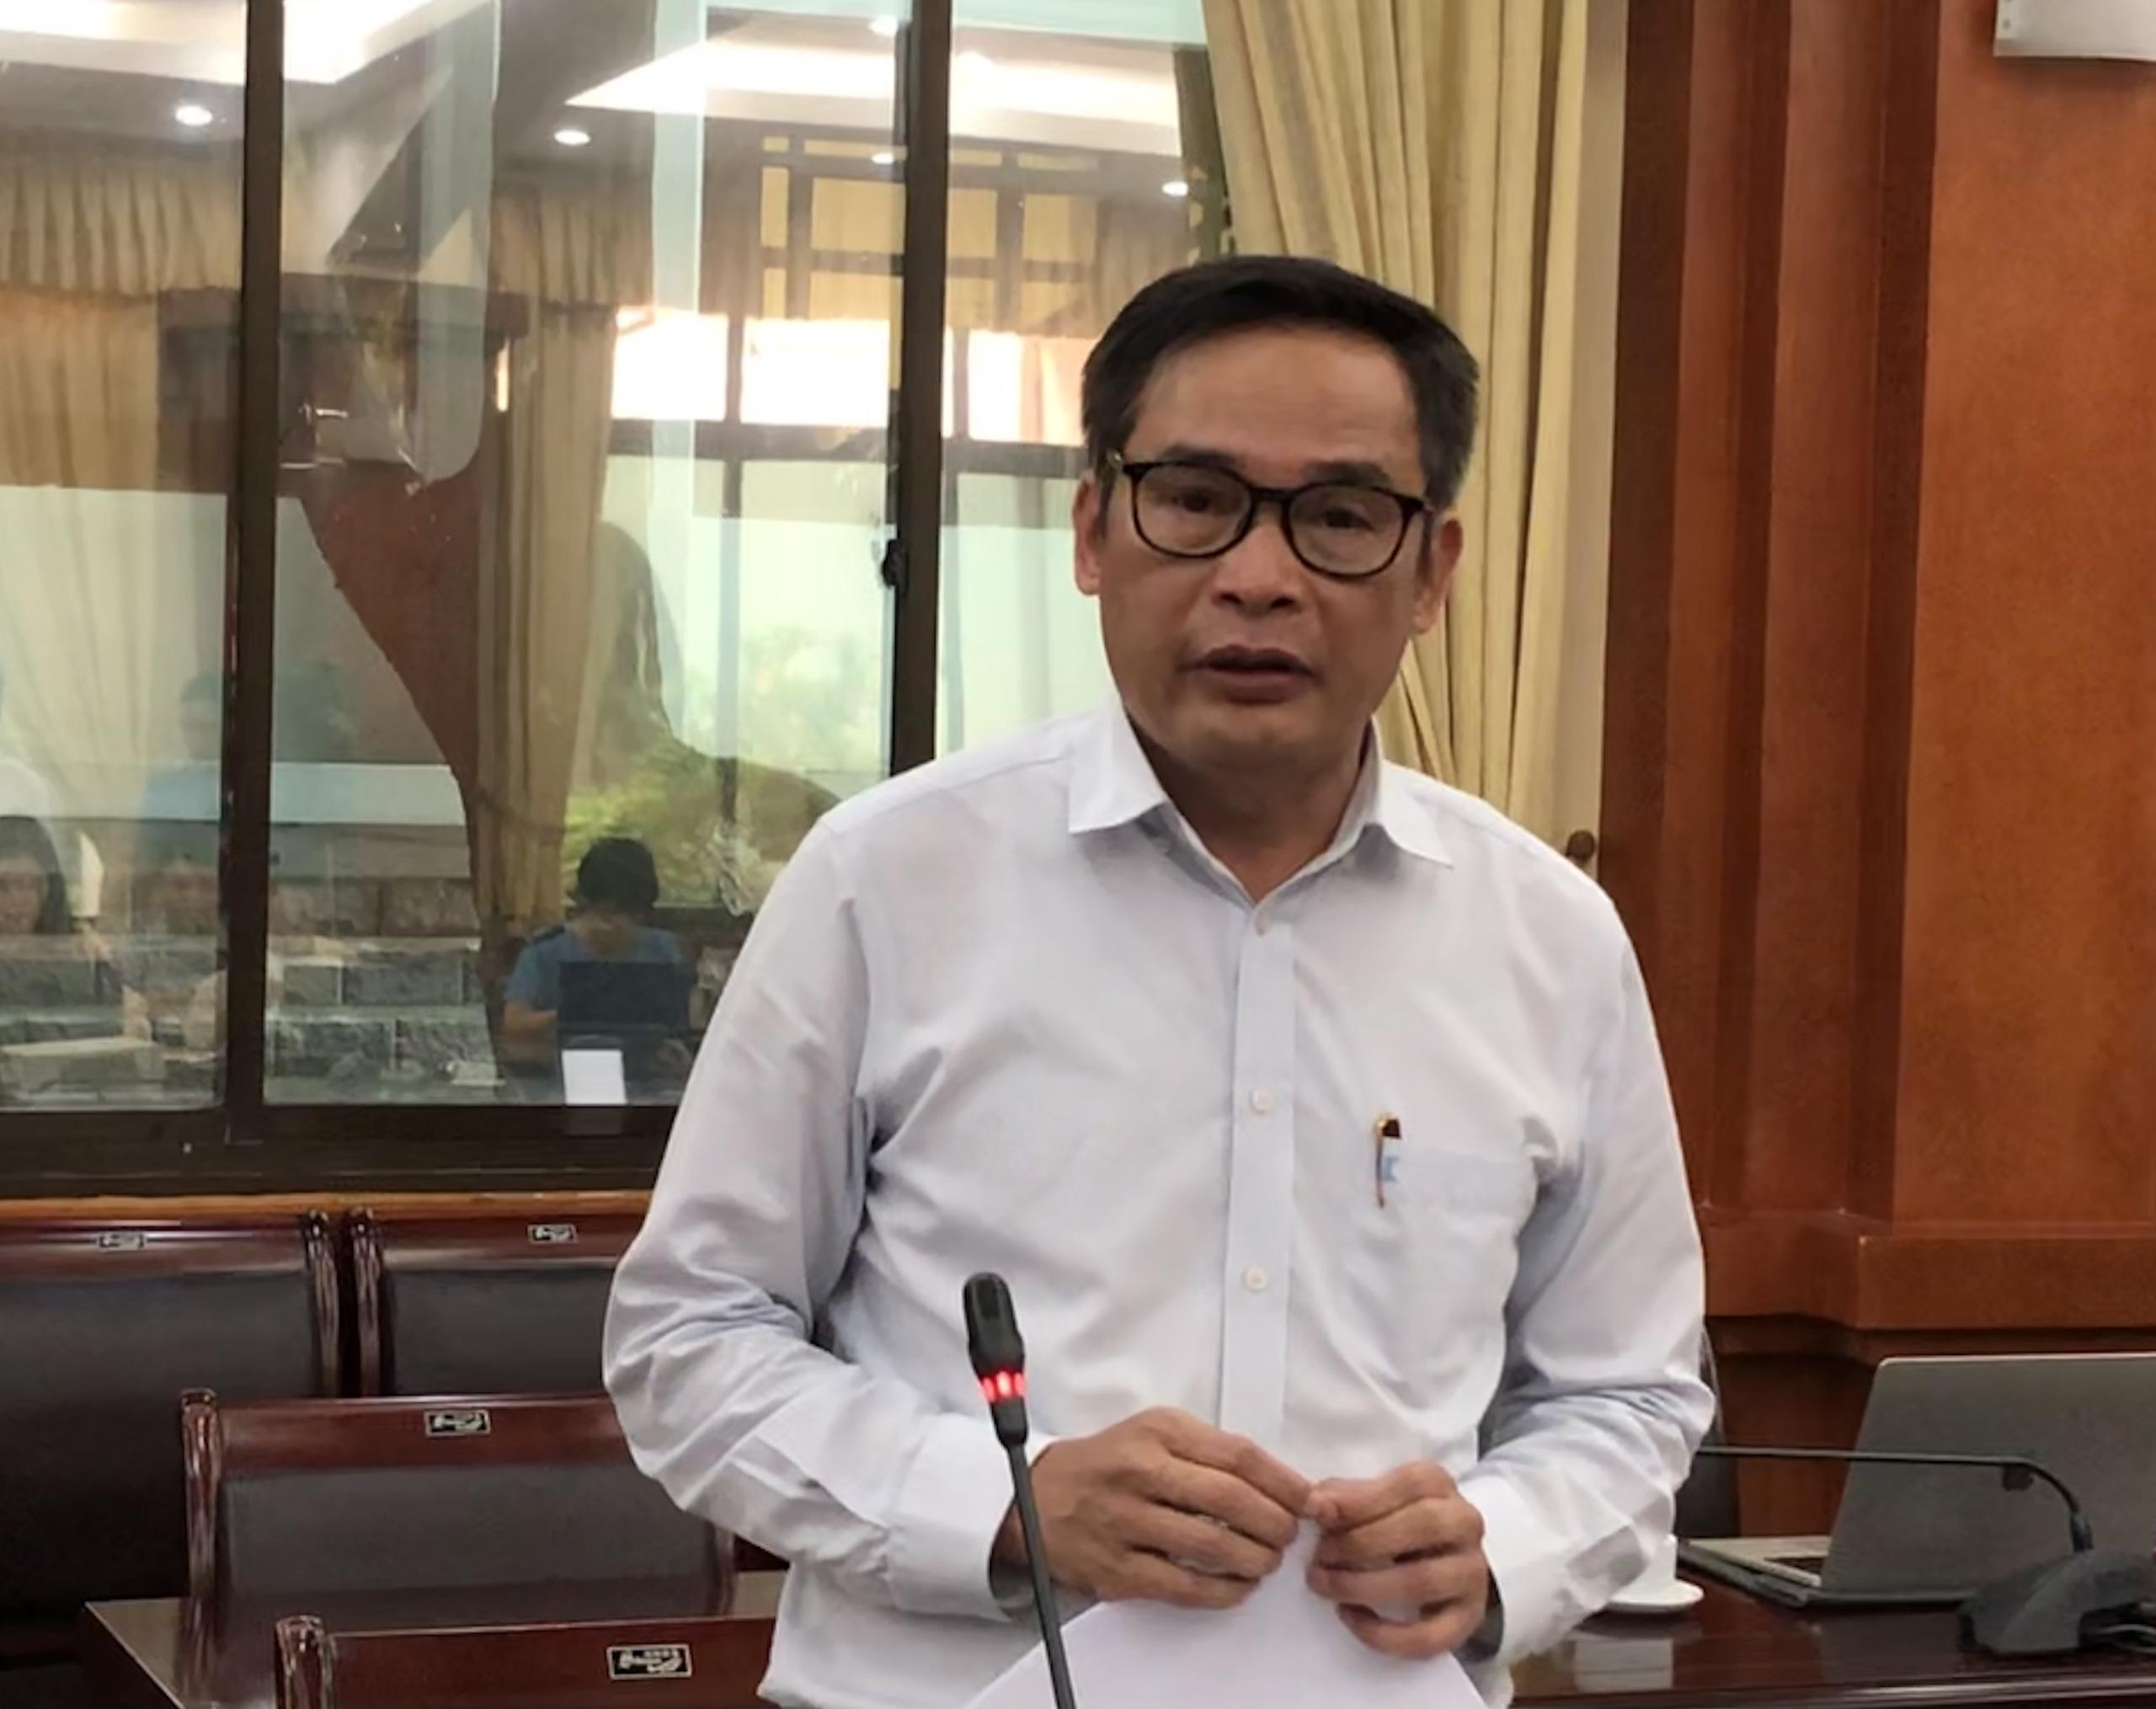 Cục trưởng Cục Trồng trọt: Việt Nam không thiếu gạo - Ảnh 1.